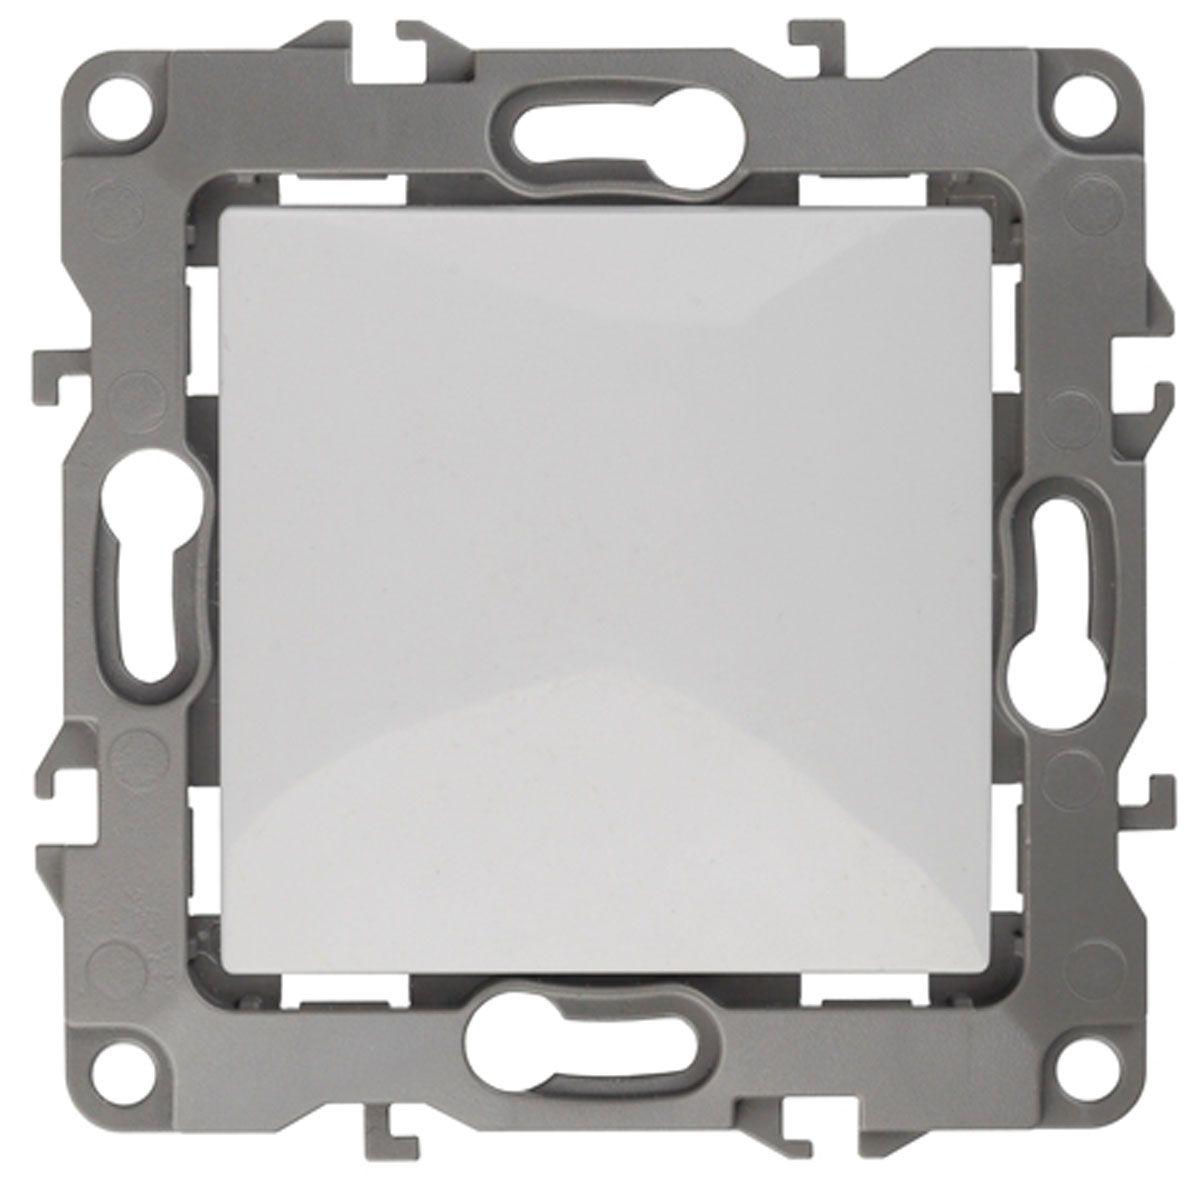 Выключатель ЭРА, цвет: белый, серый. 12-110112-1101-01Выключатель ЭРА выполнен из прочного пластика, контакты бронзовые. Изделие просто в установке, надежно в эксплуатации. Выключатель имеет специальные фиксаторы, которые не дают ему смещаться как при монтаже, так и в процессе эксплуатации. Автоматические зажимы кабеля обеспечивают быстрый и надежный монтаж изделия к электросети без отвертки и не требуют обслуживания в отличие от винтовых зажимов.